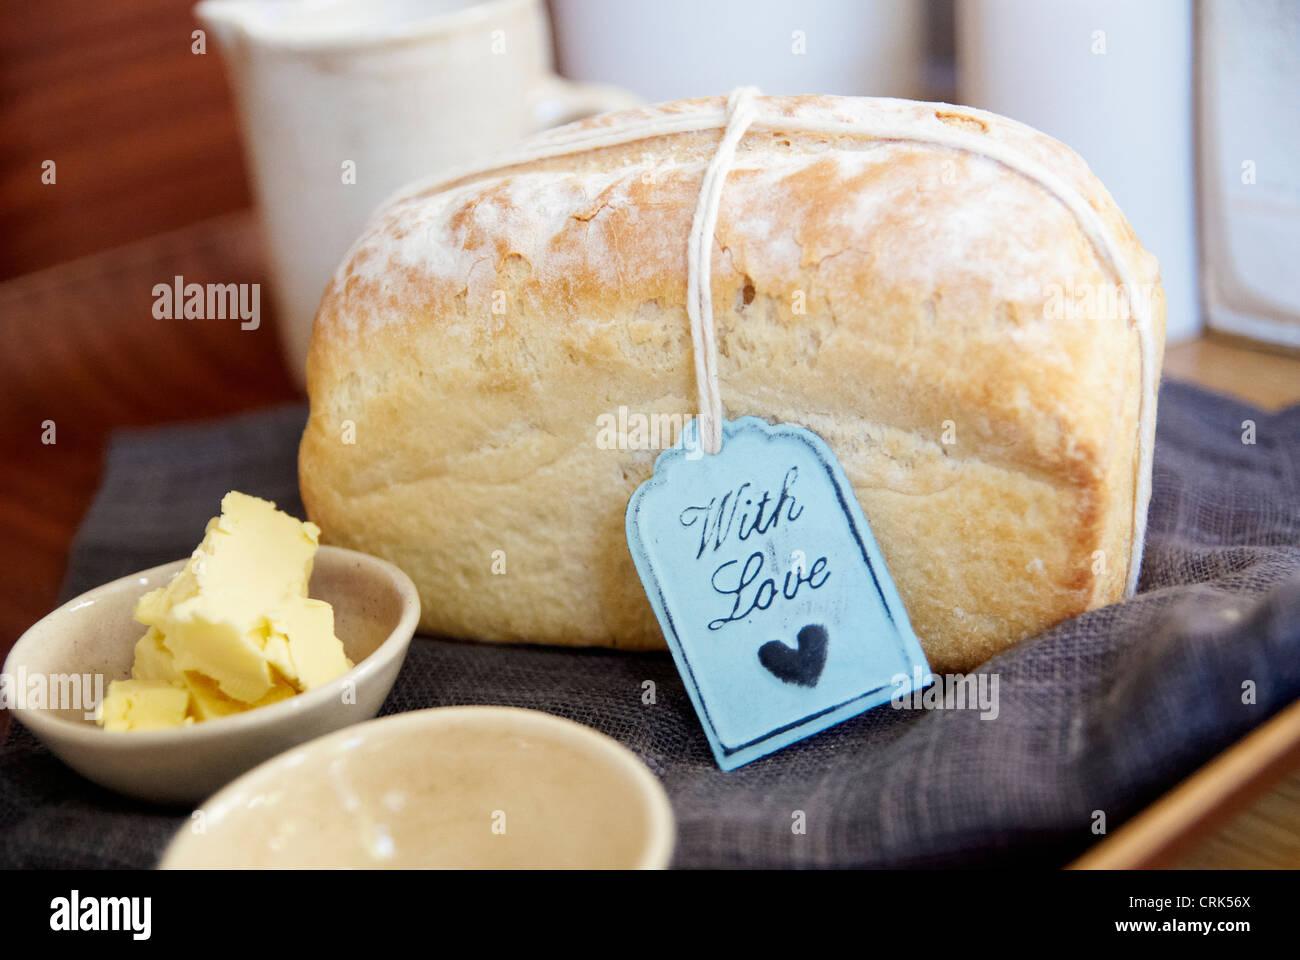 Brot mit Butter auf Tuch Stockbild